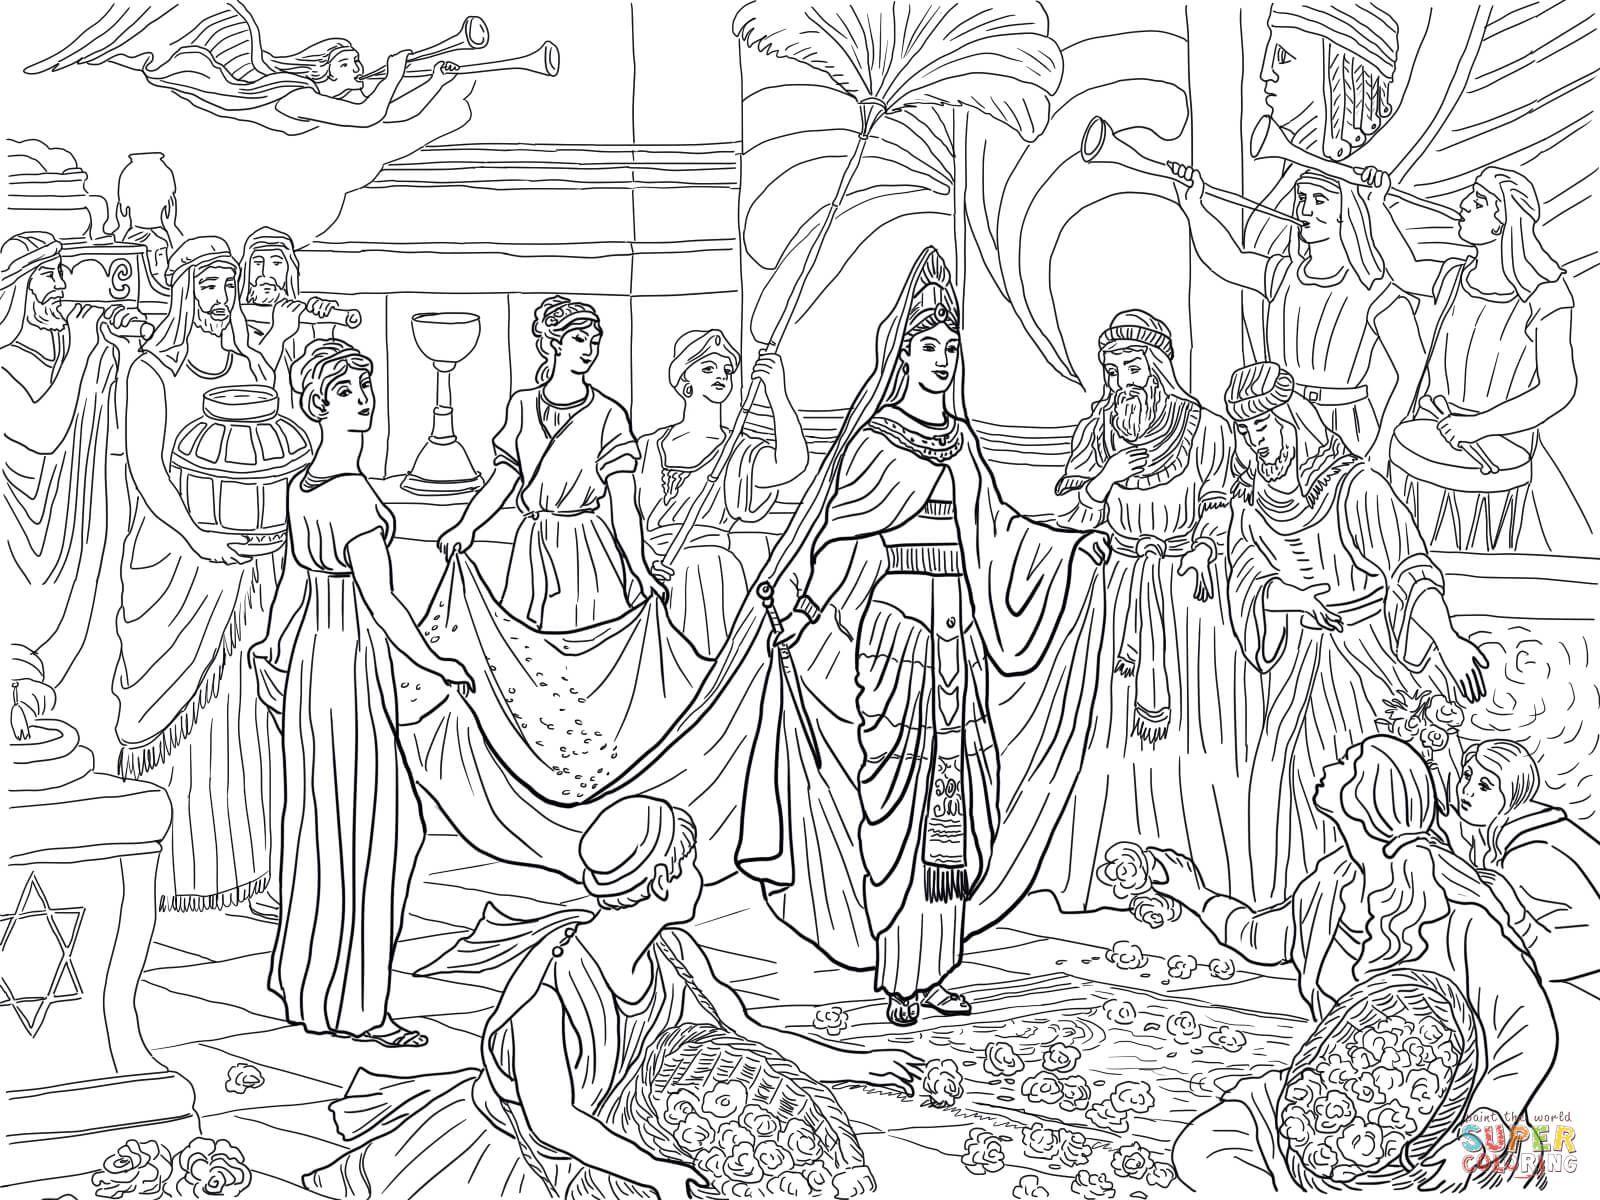 La Llegada De La Reina De Saba Super Coloring Paginas Para Colorear Reina De Saba Artesania Biblica